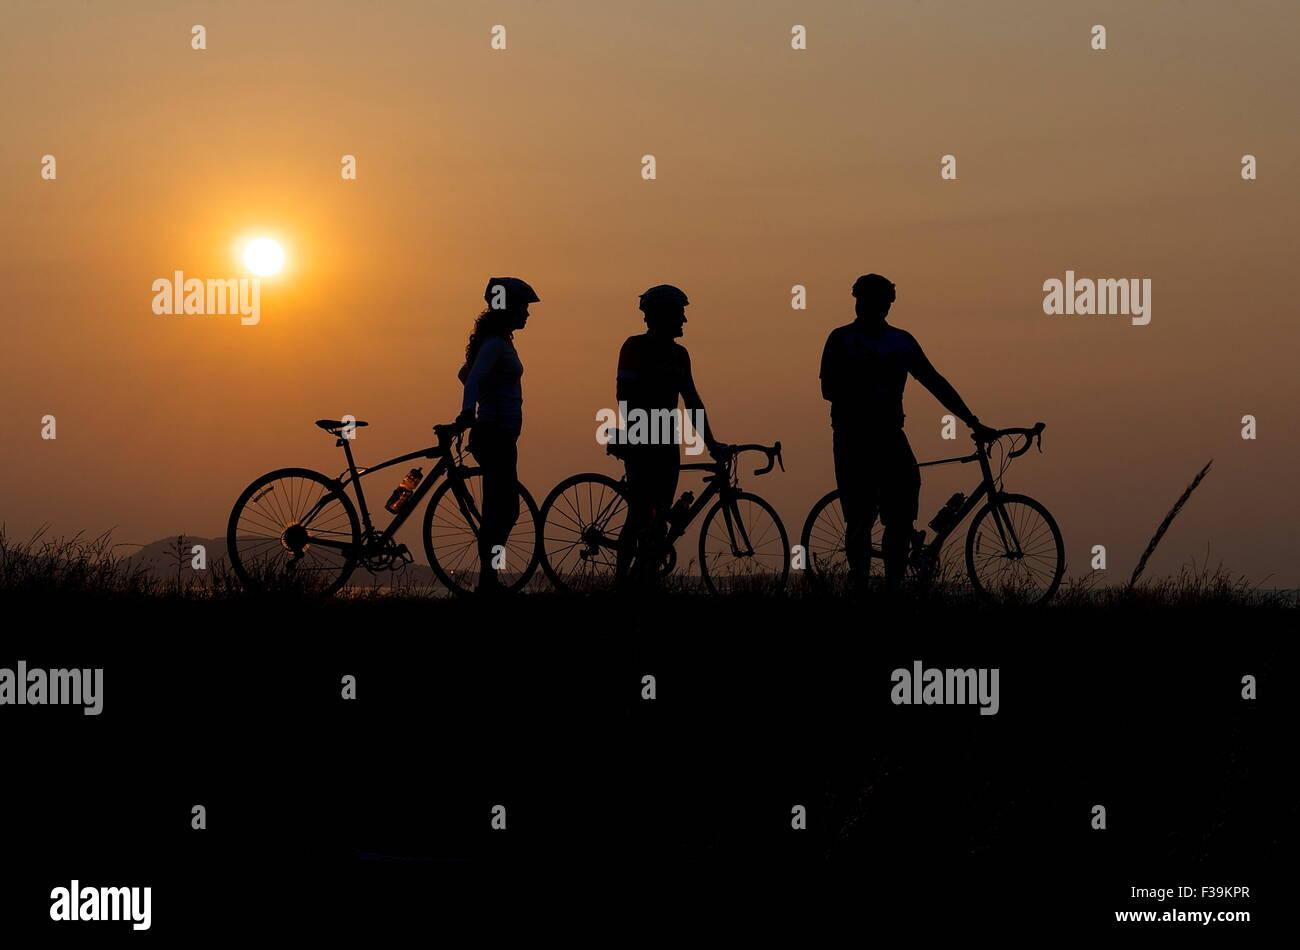 Silhouette di tre ciclisti al tramonto Immagini Stock